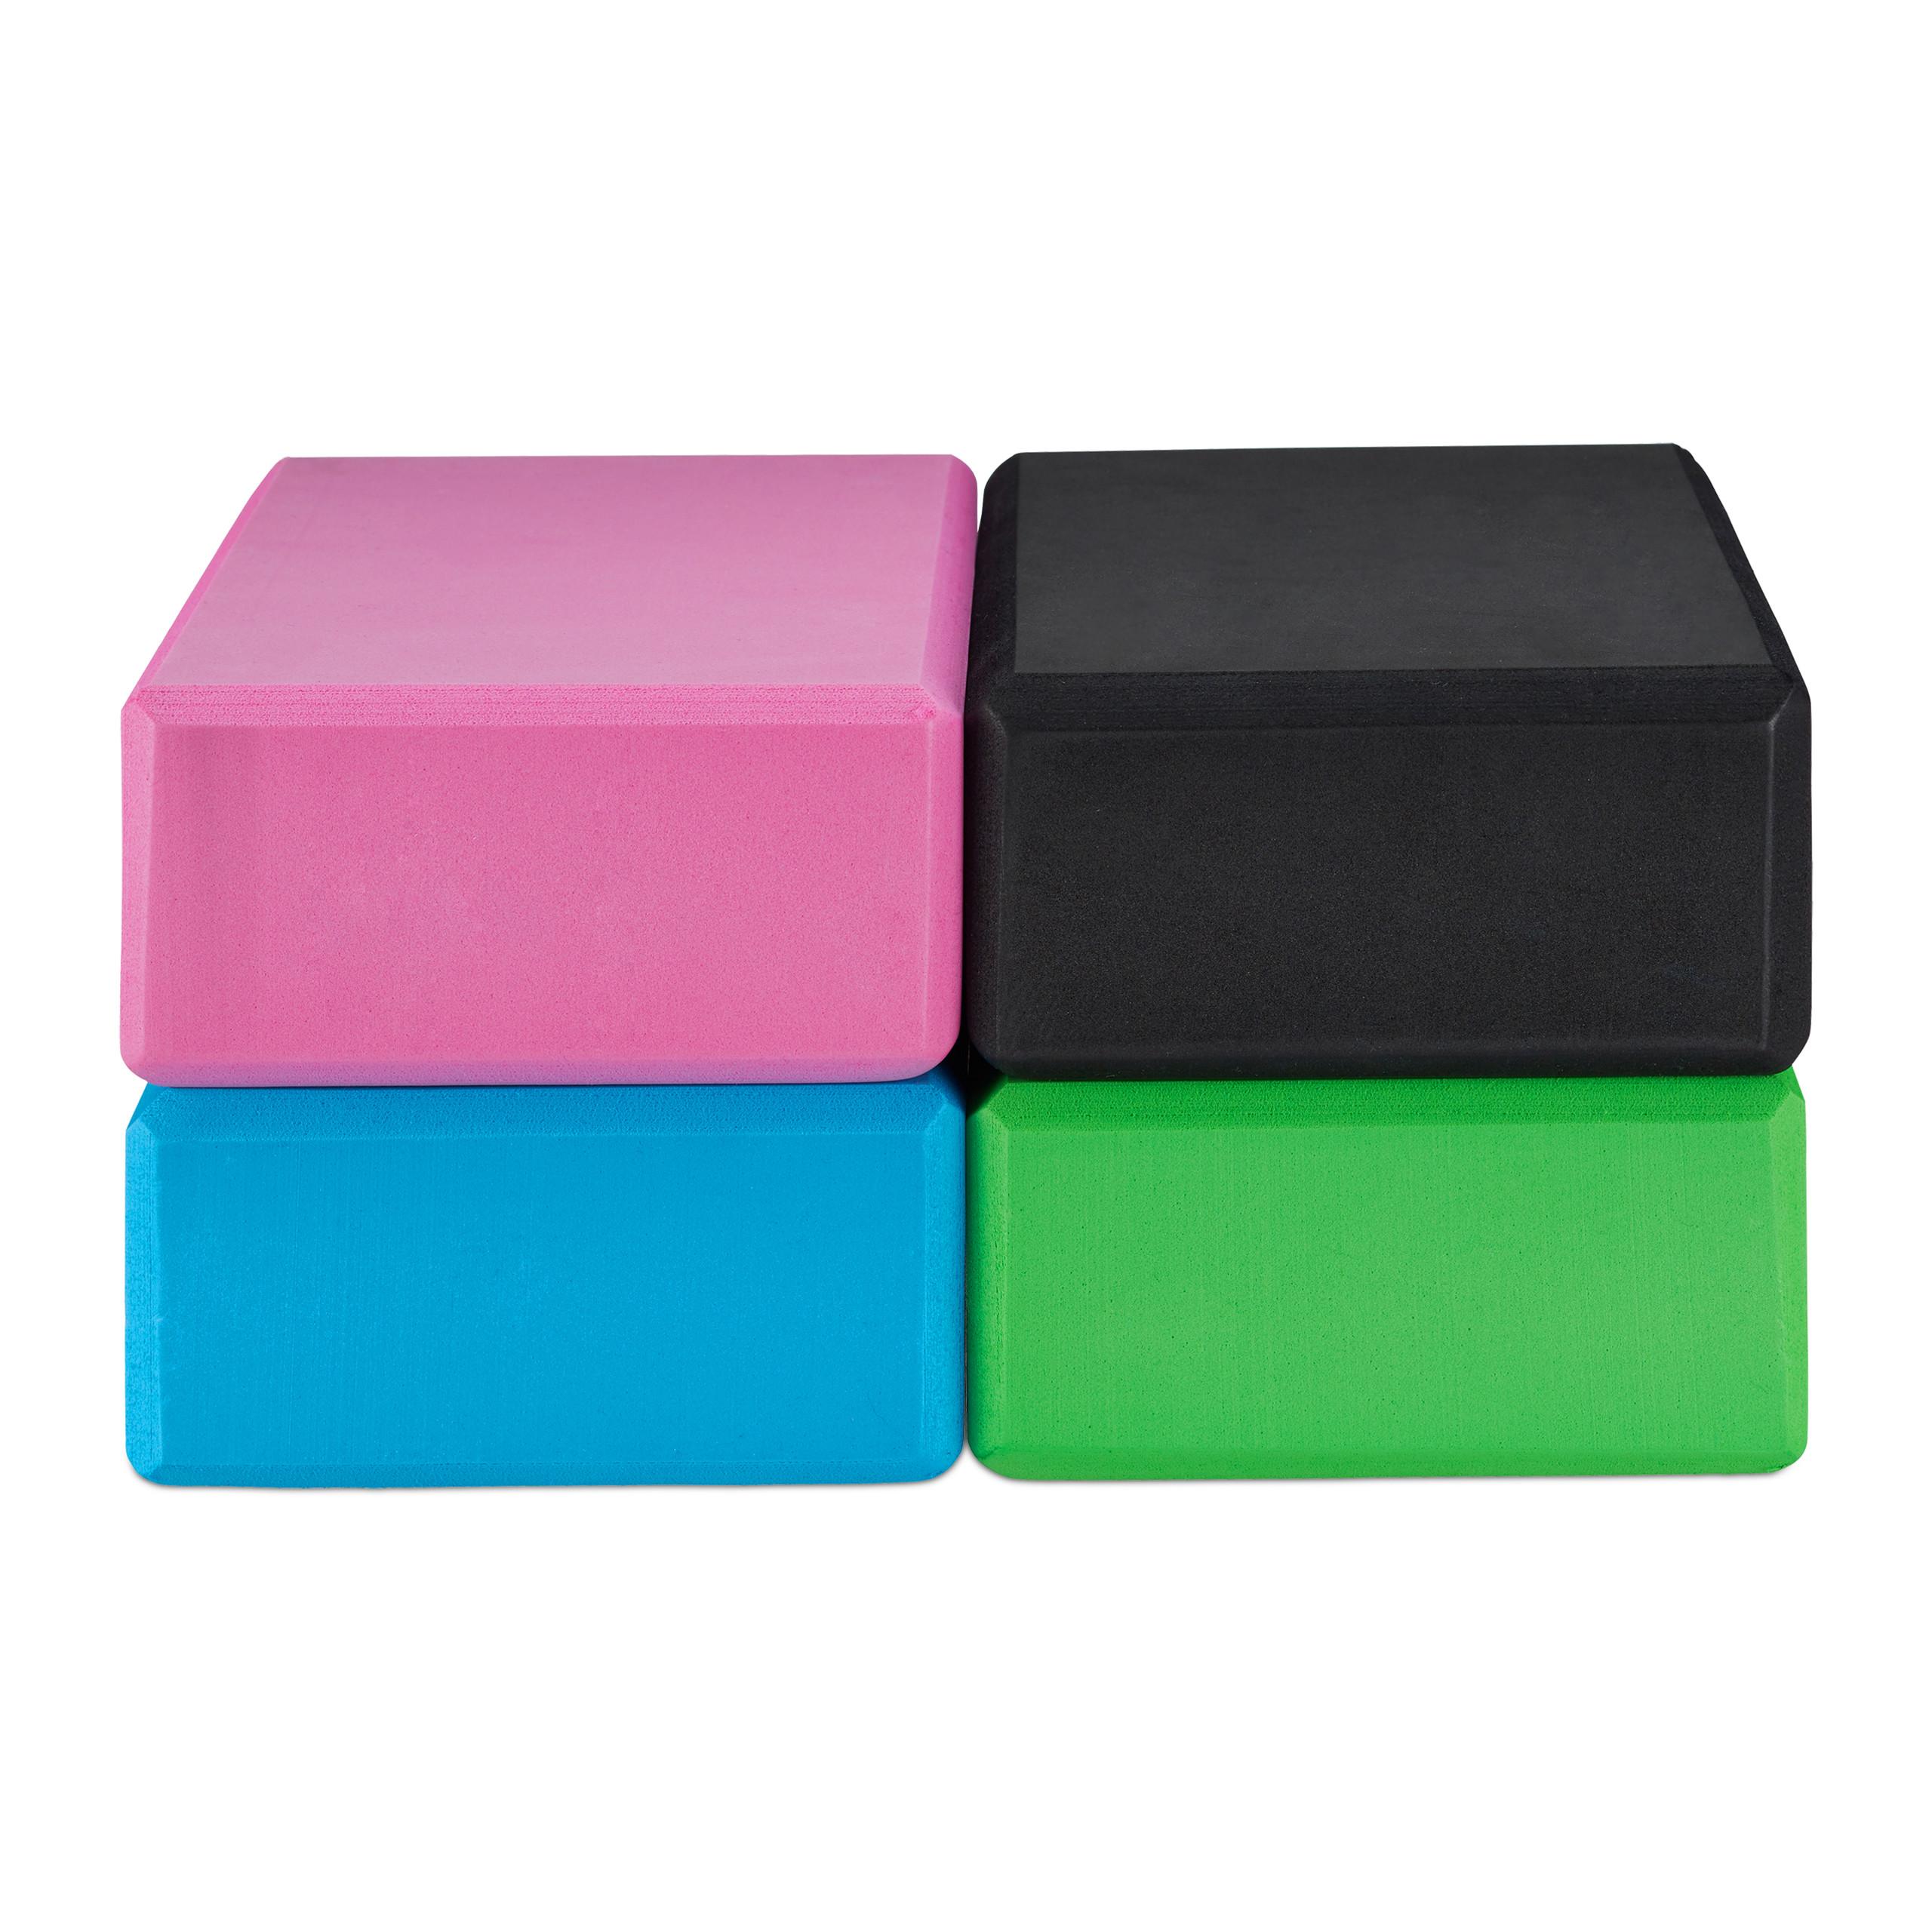 Pack-de-2-bloques-yoga-de-gomaespuma-Tacos-yoga-en-varios-colores-Ladrillos-yoga miniatura 30